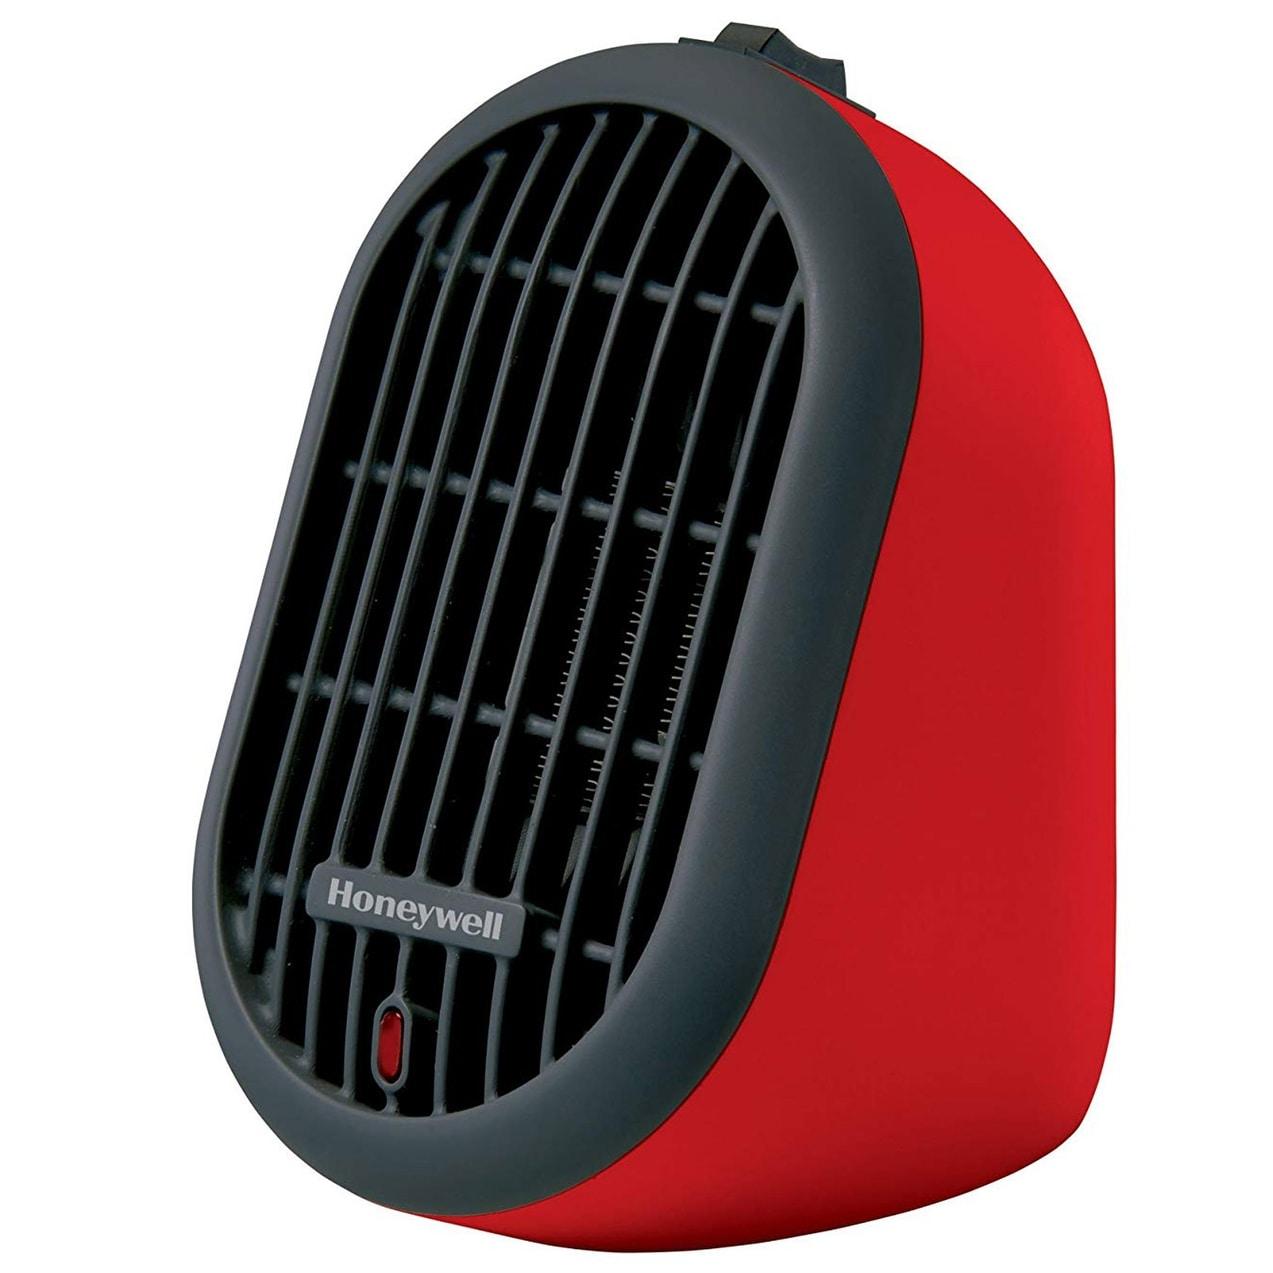 Honeywell Heat Bud Personal Ceramic Heater Uses max 250 watts